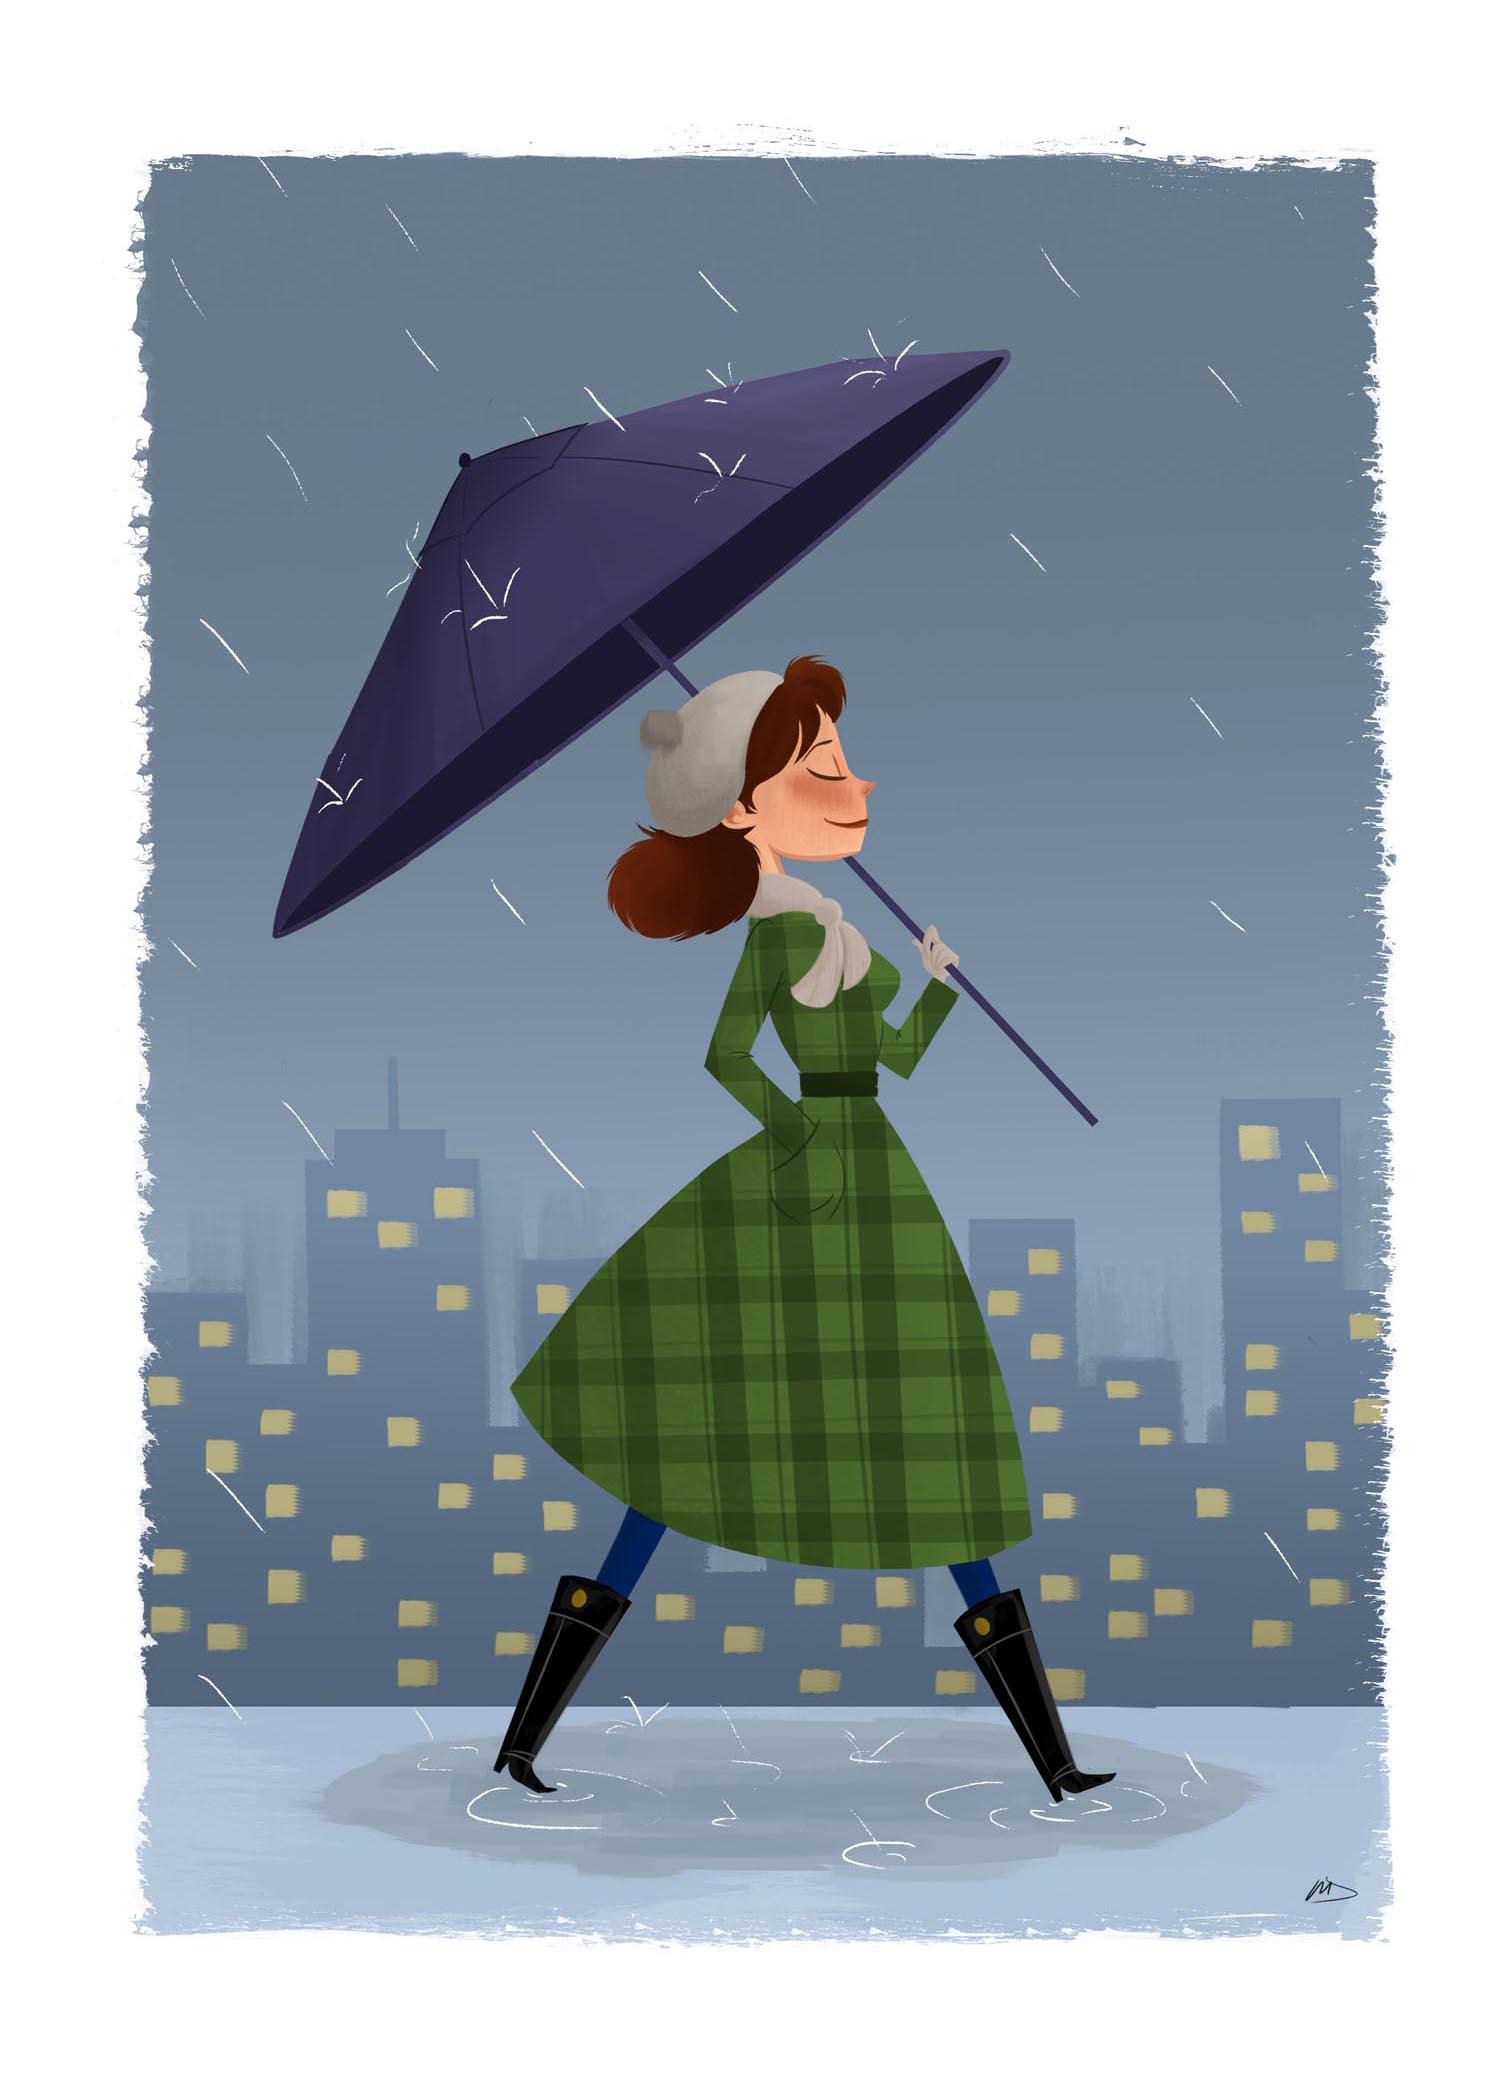 Walking_in_Rain_1.jpg